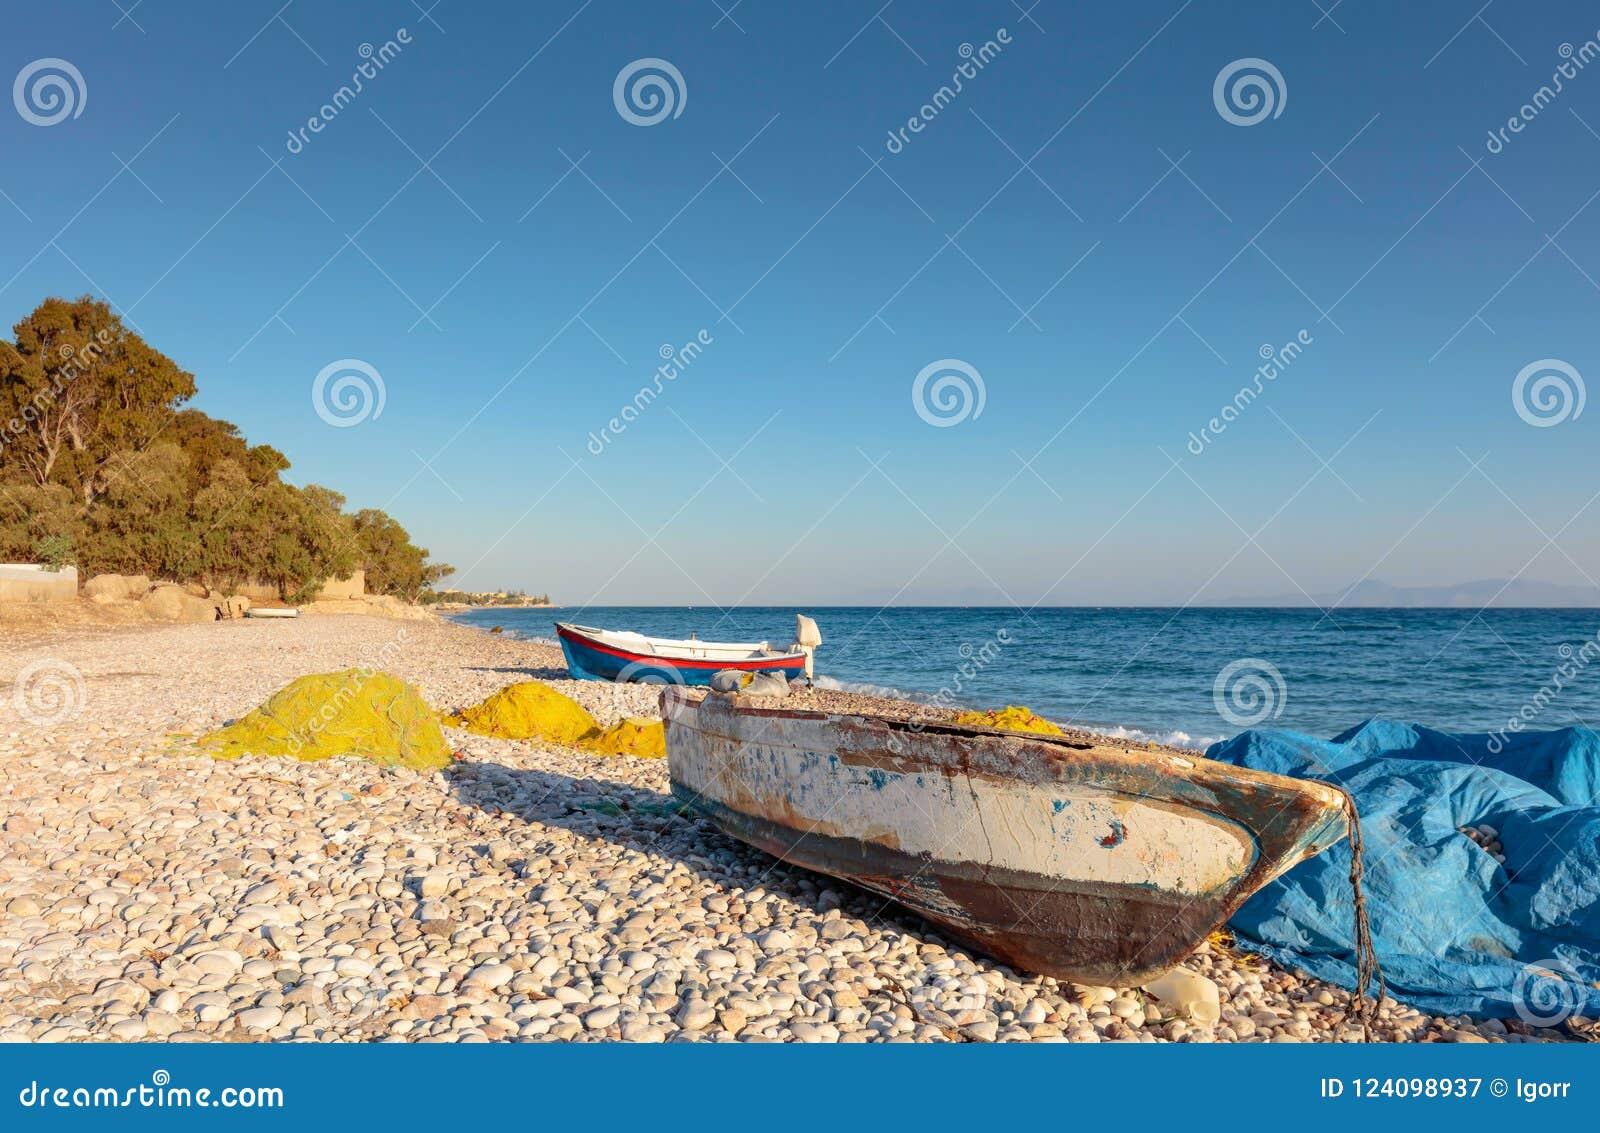 Stare łodzie rybackie na plaży morze śródziemnomorskie